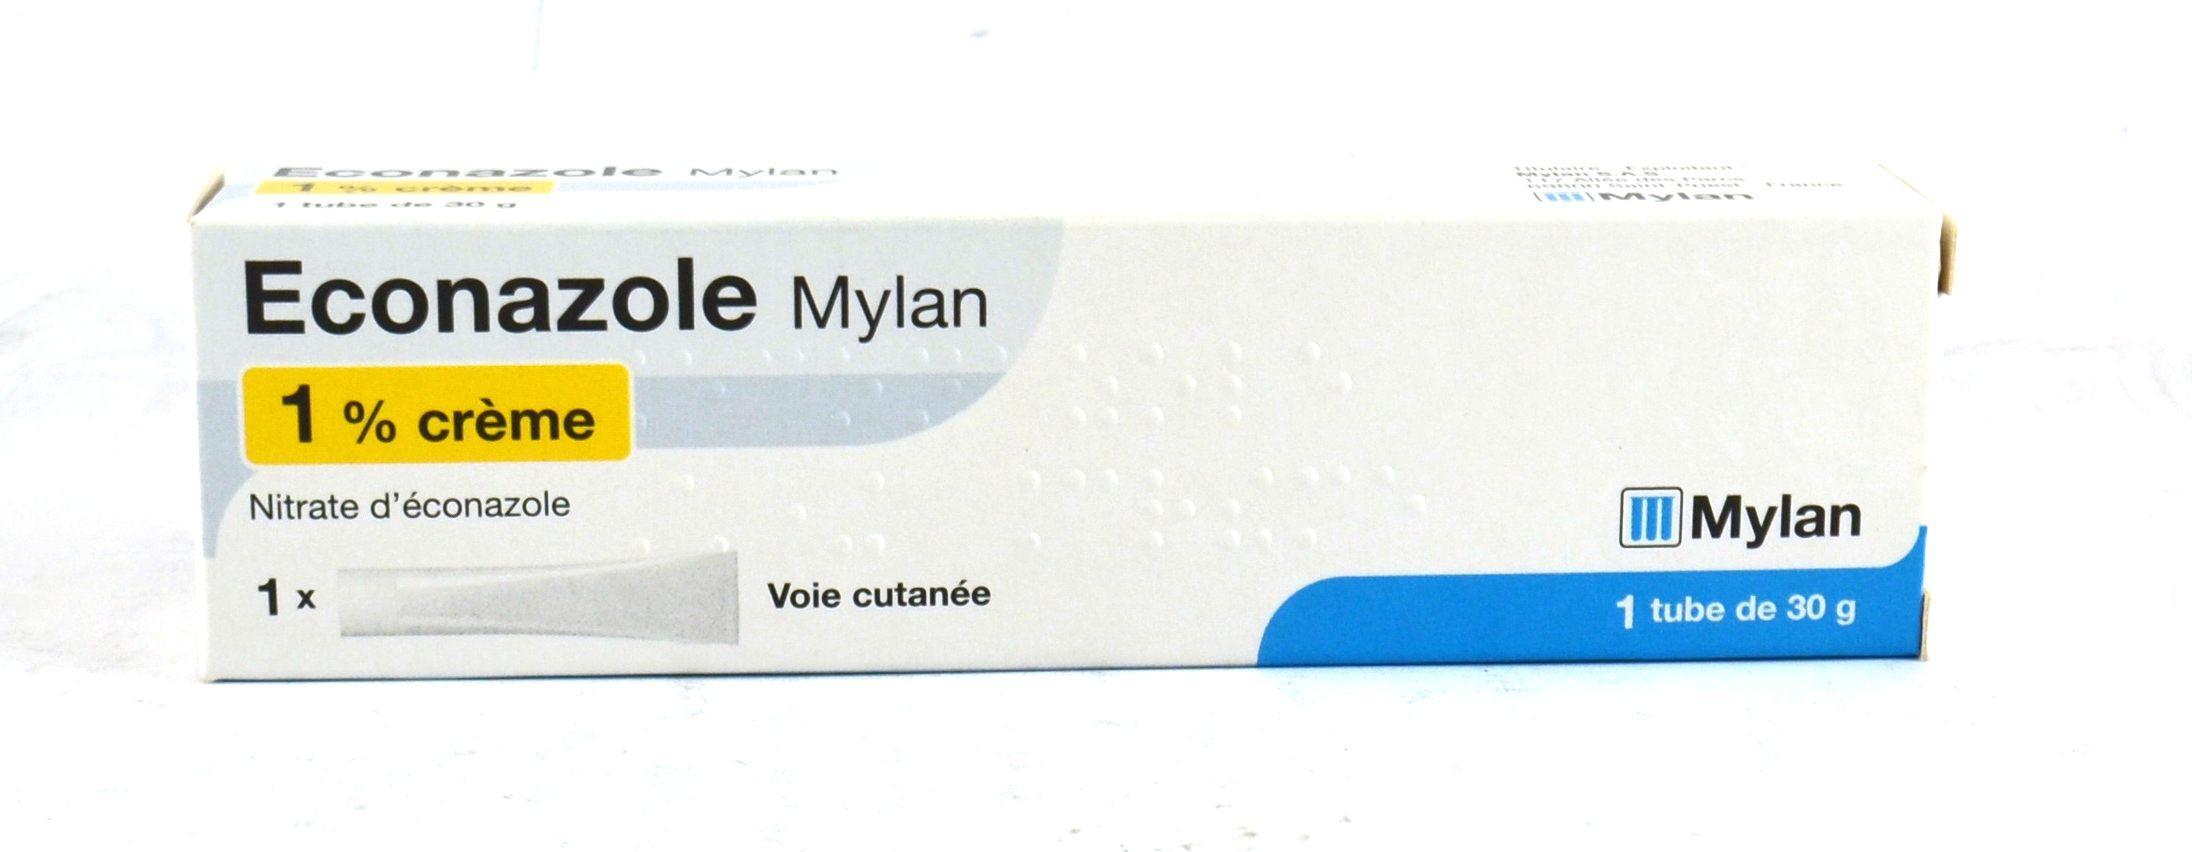 ECONAZOLE MYLAN 1%, crème 30g, Traitements des mycoses et affections  cutanées dues à